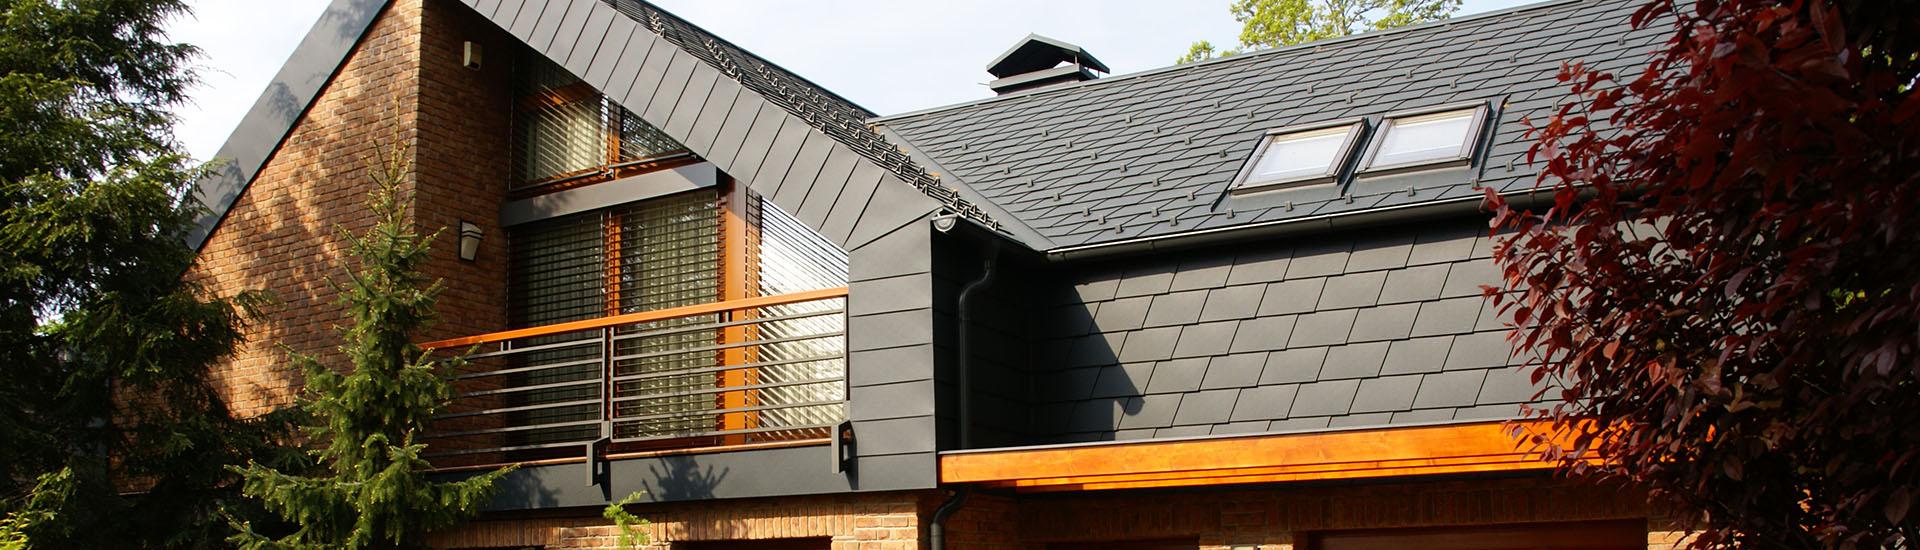 TEJKL, s.r.o. - šikmé i ploché střechy